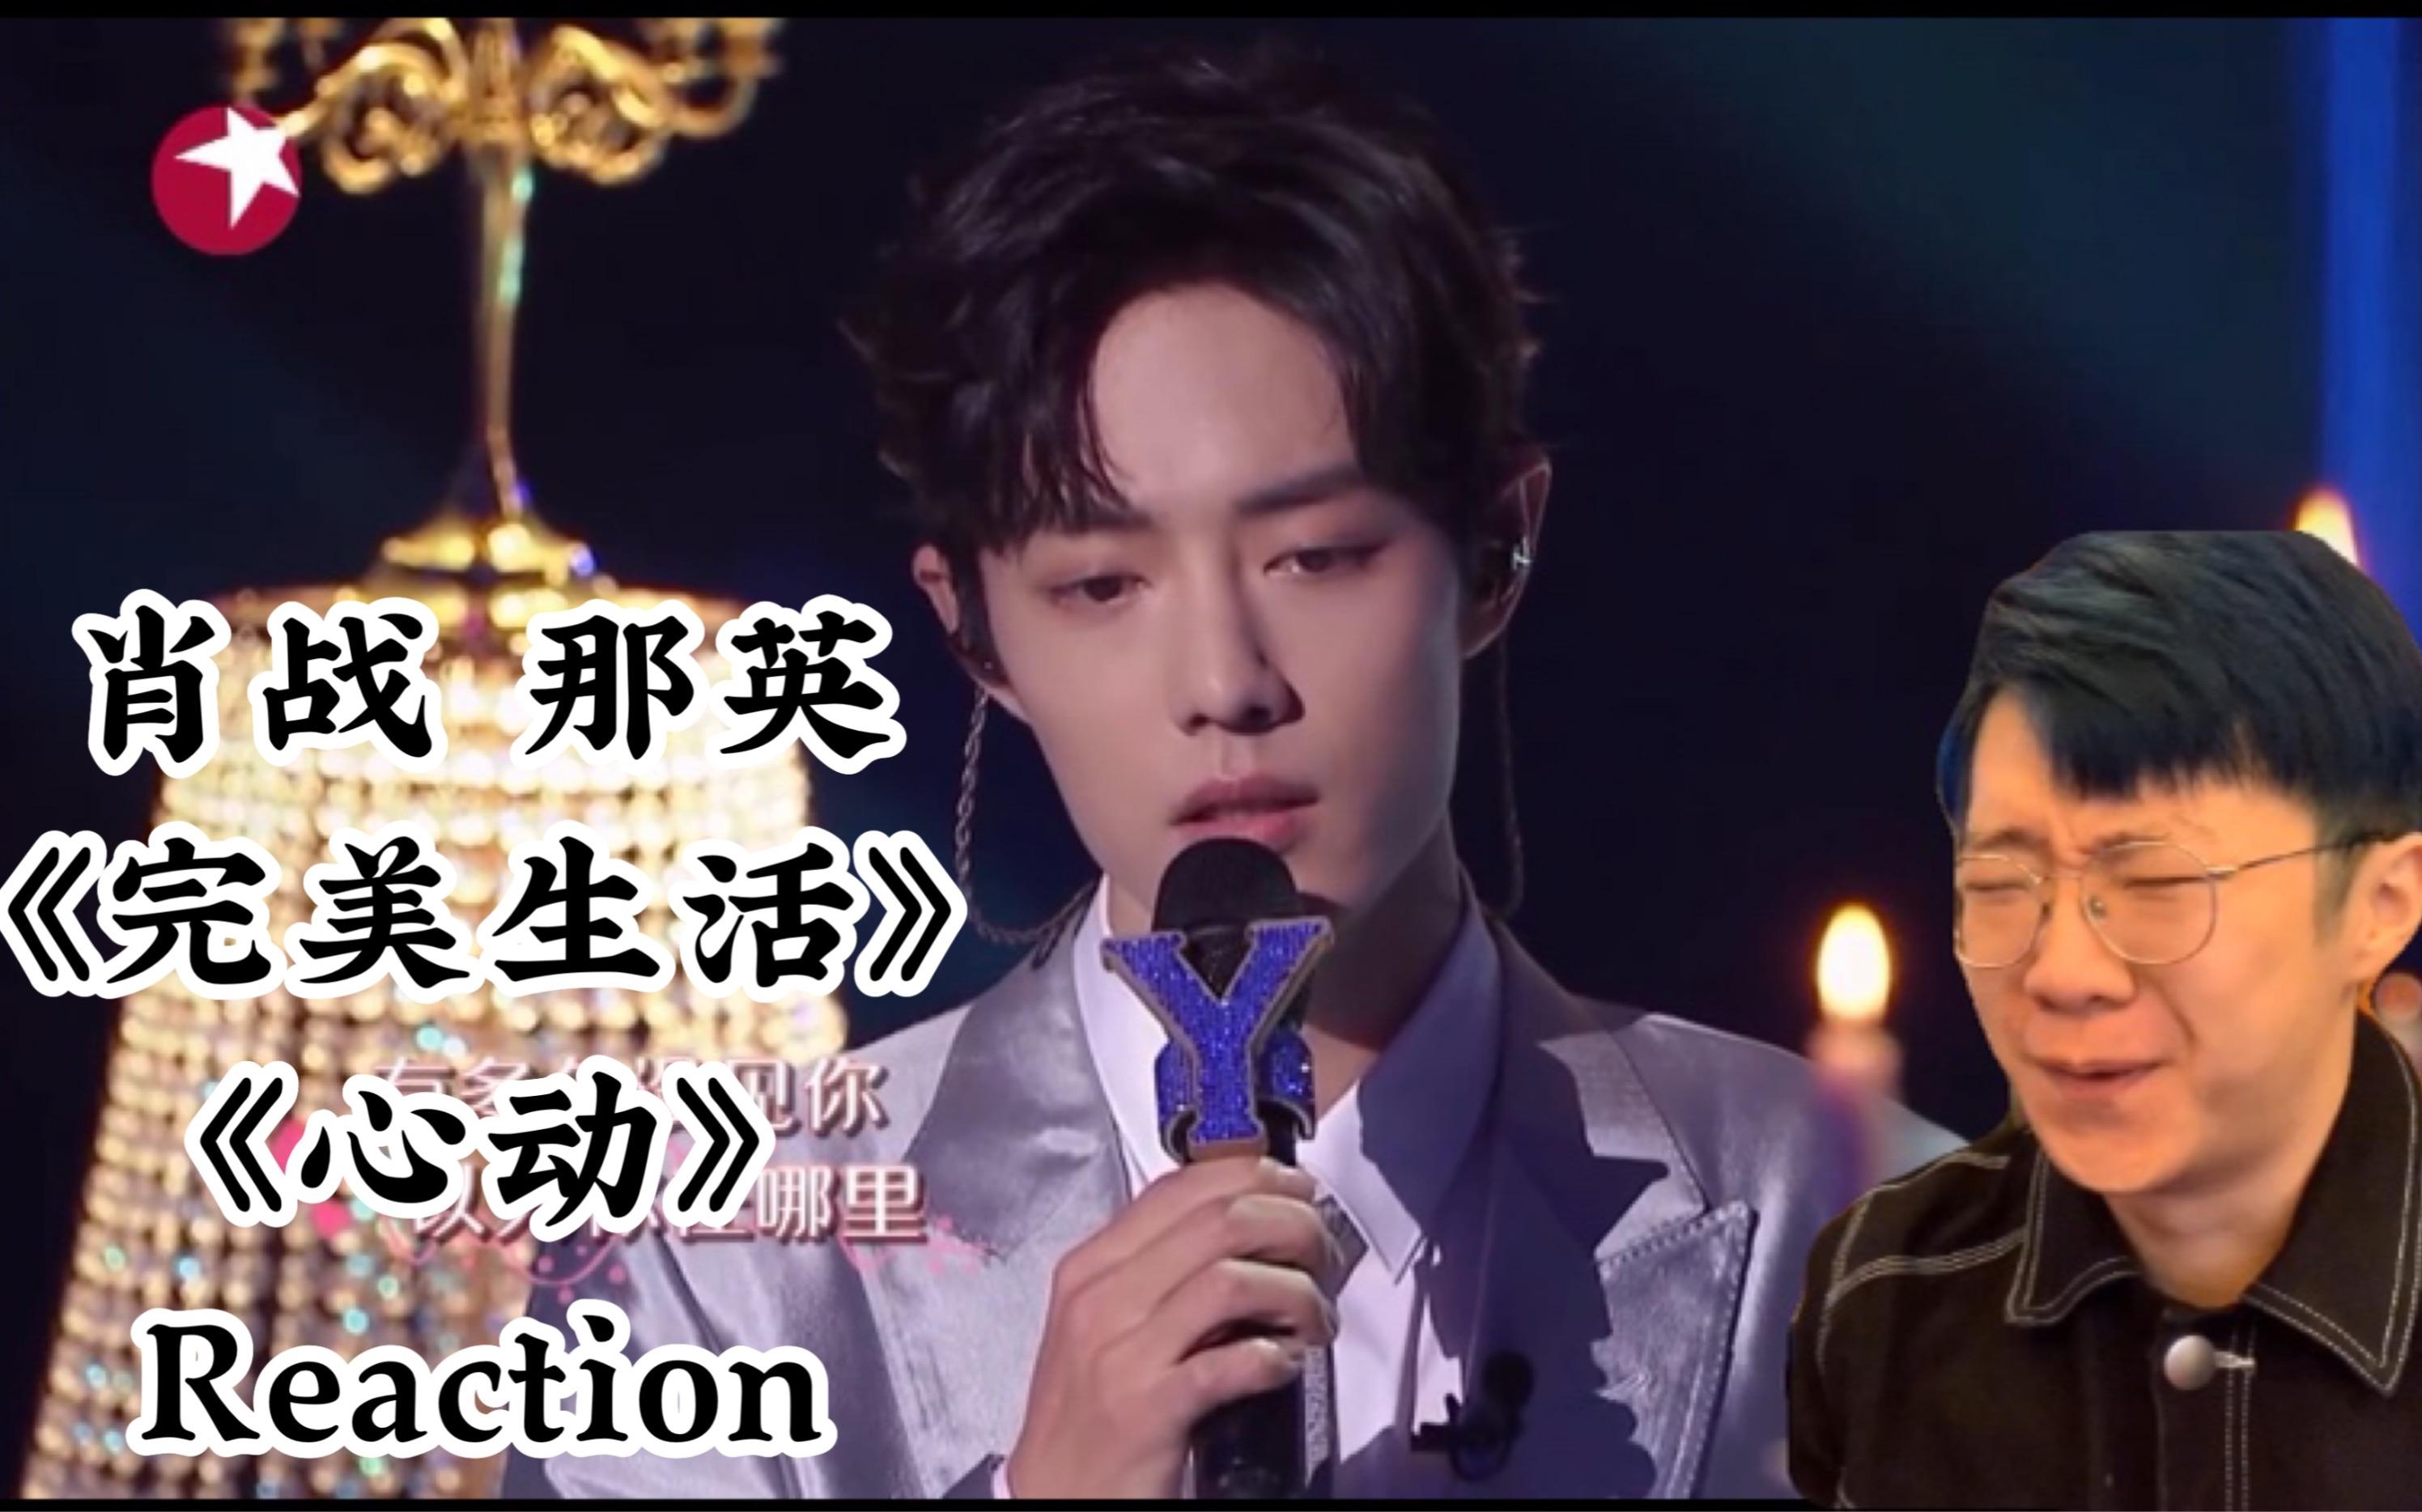 【肖战&那英 完美生活&心动 我们的歌总决赛Reaction】